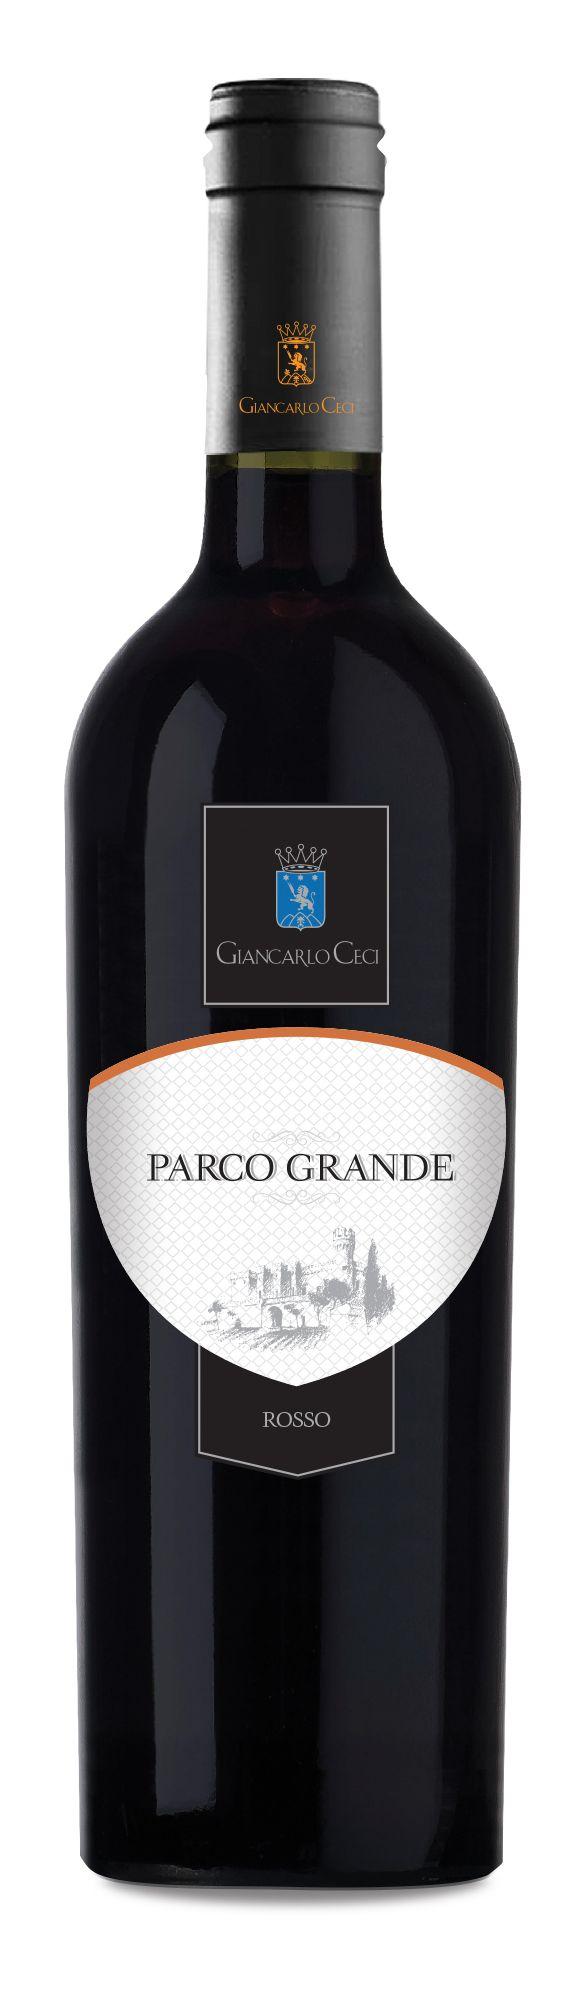 Agrinatura Giancarlo Ceci - Parco Grande - Vino Rosso